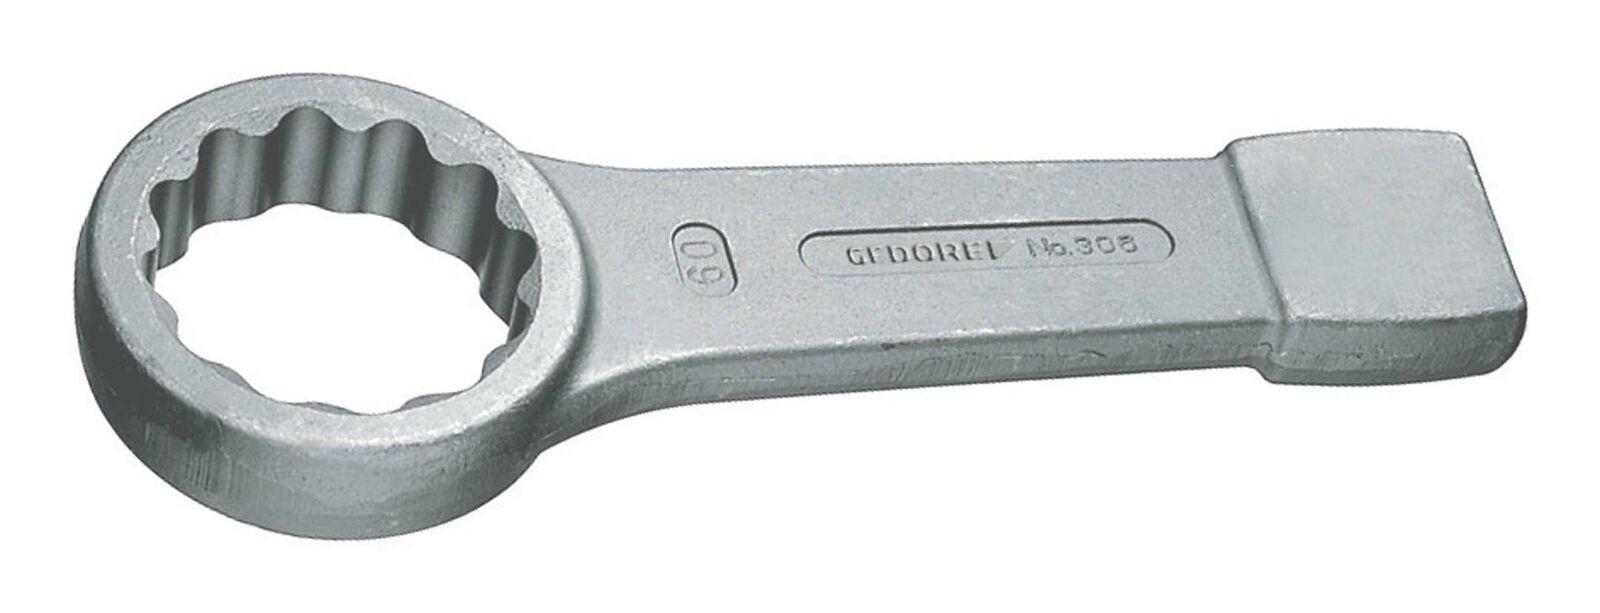 Gedore Schlag-Ringschlüssel DIN7444 85mm - 6476590 | Online  | Zürich Online Shop  | Ausgezeichnet (in) Qualität  | Qualität Produkte